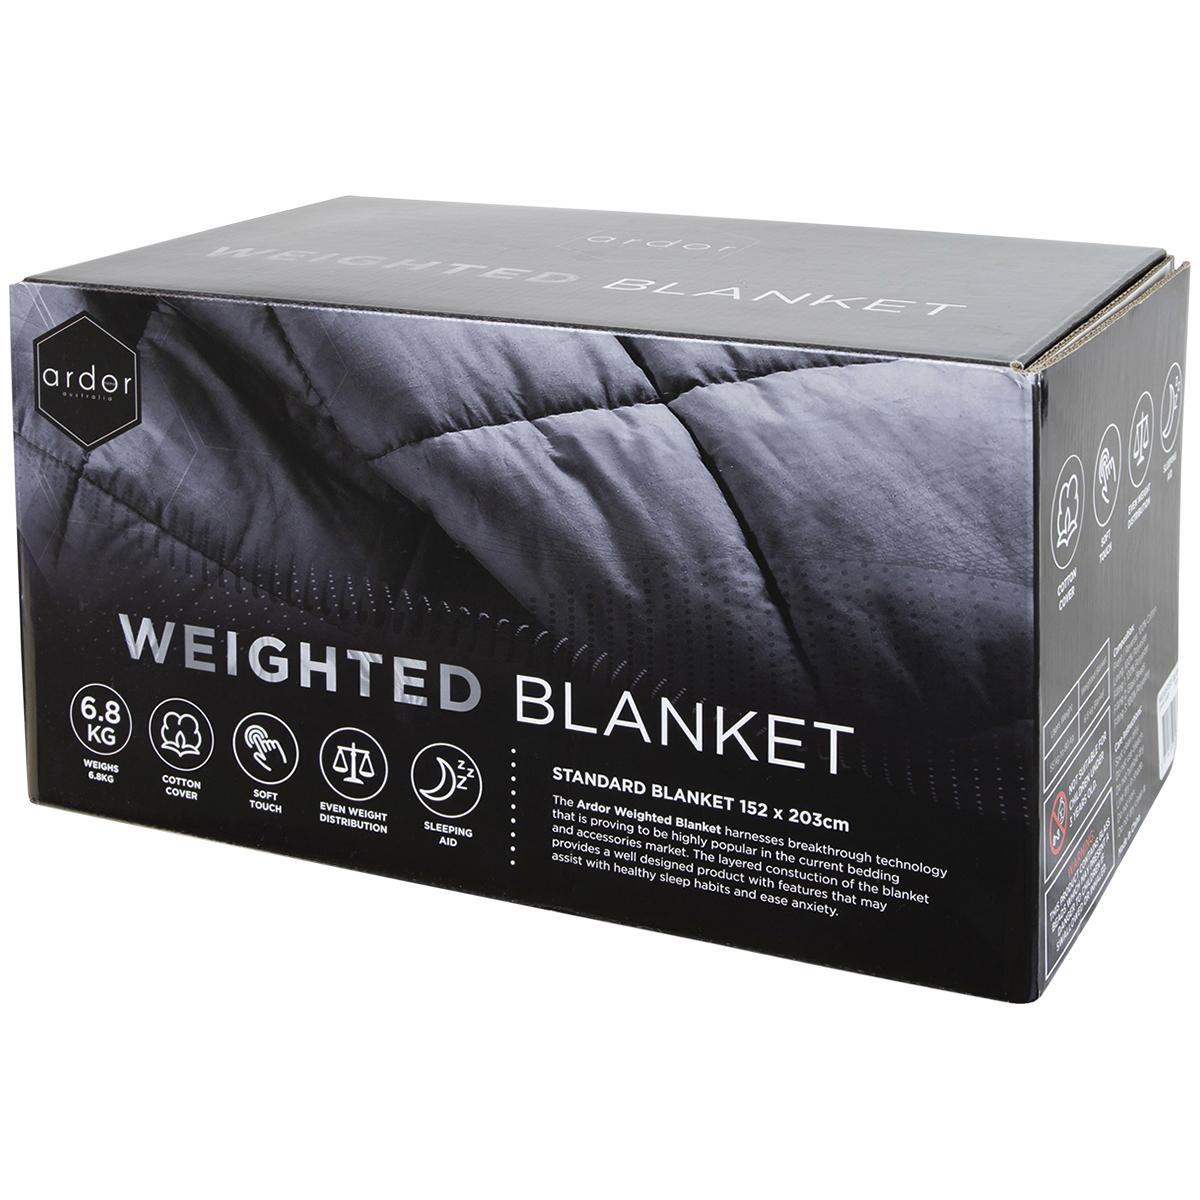 Ardor Home Weighted Blanket 6.8kg image 6